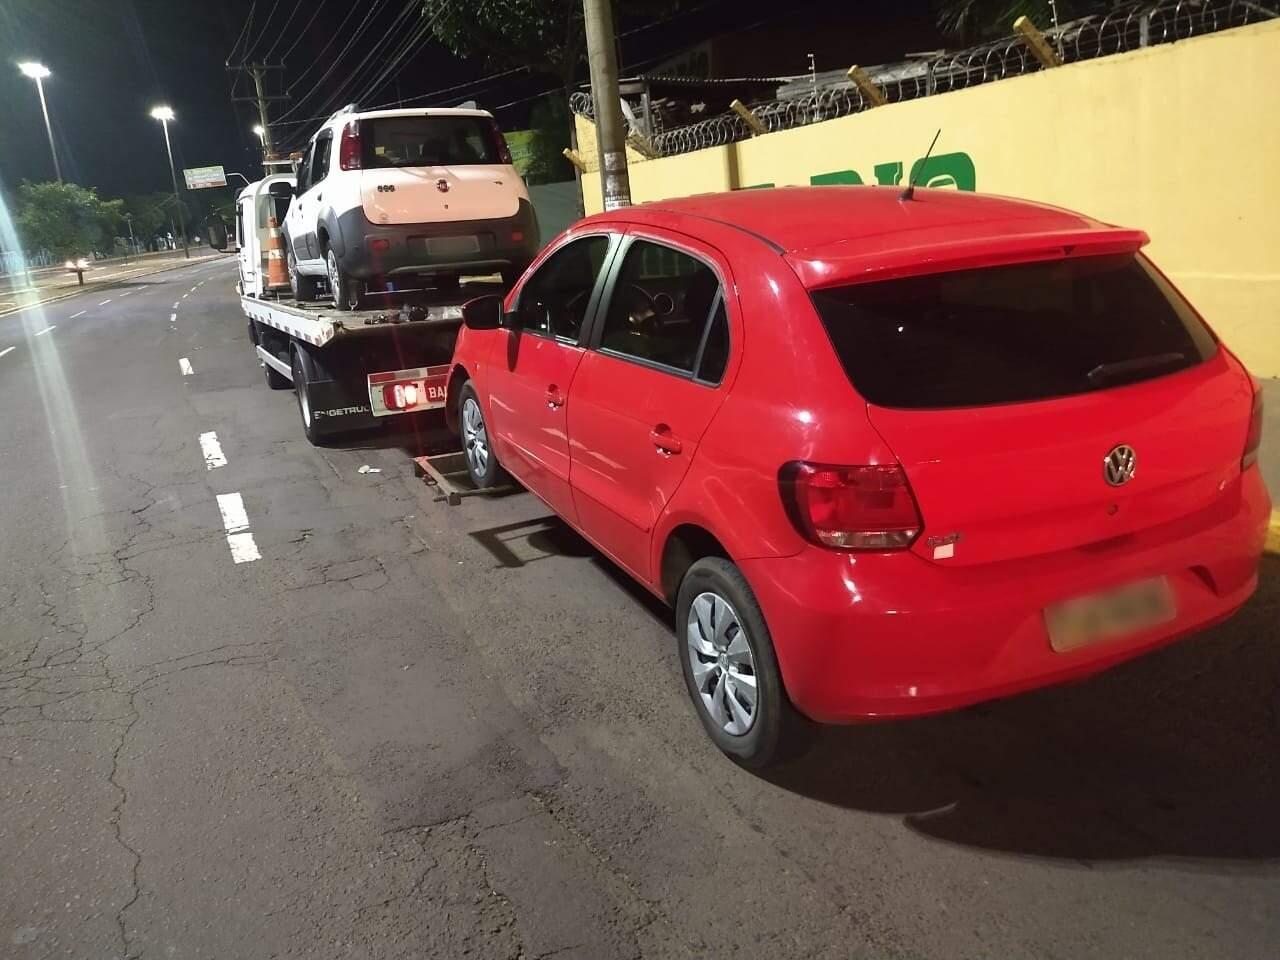 Veículos recolhidos durante blitz de trânsito em Campo Grande. (Foto: Divulgação)